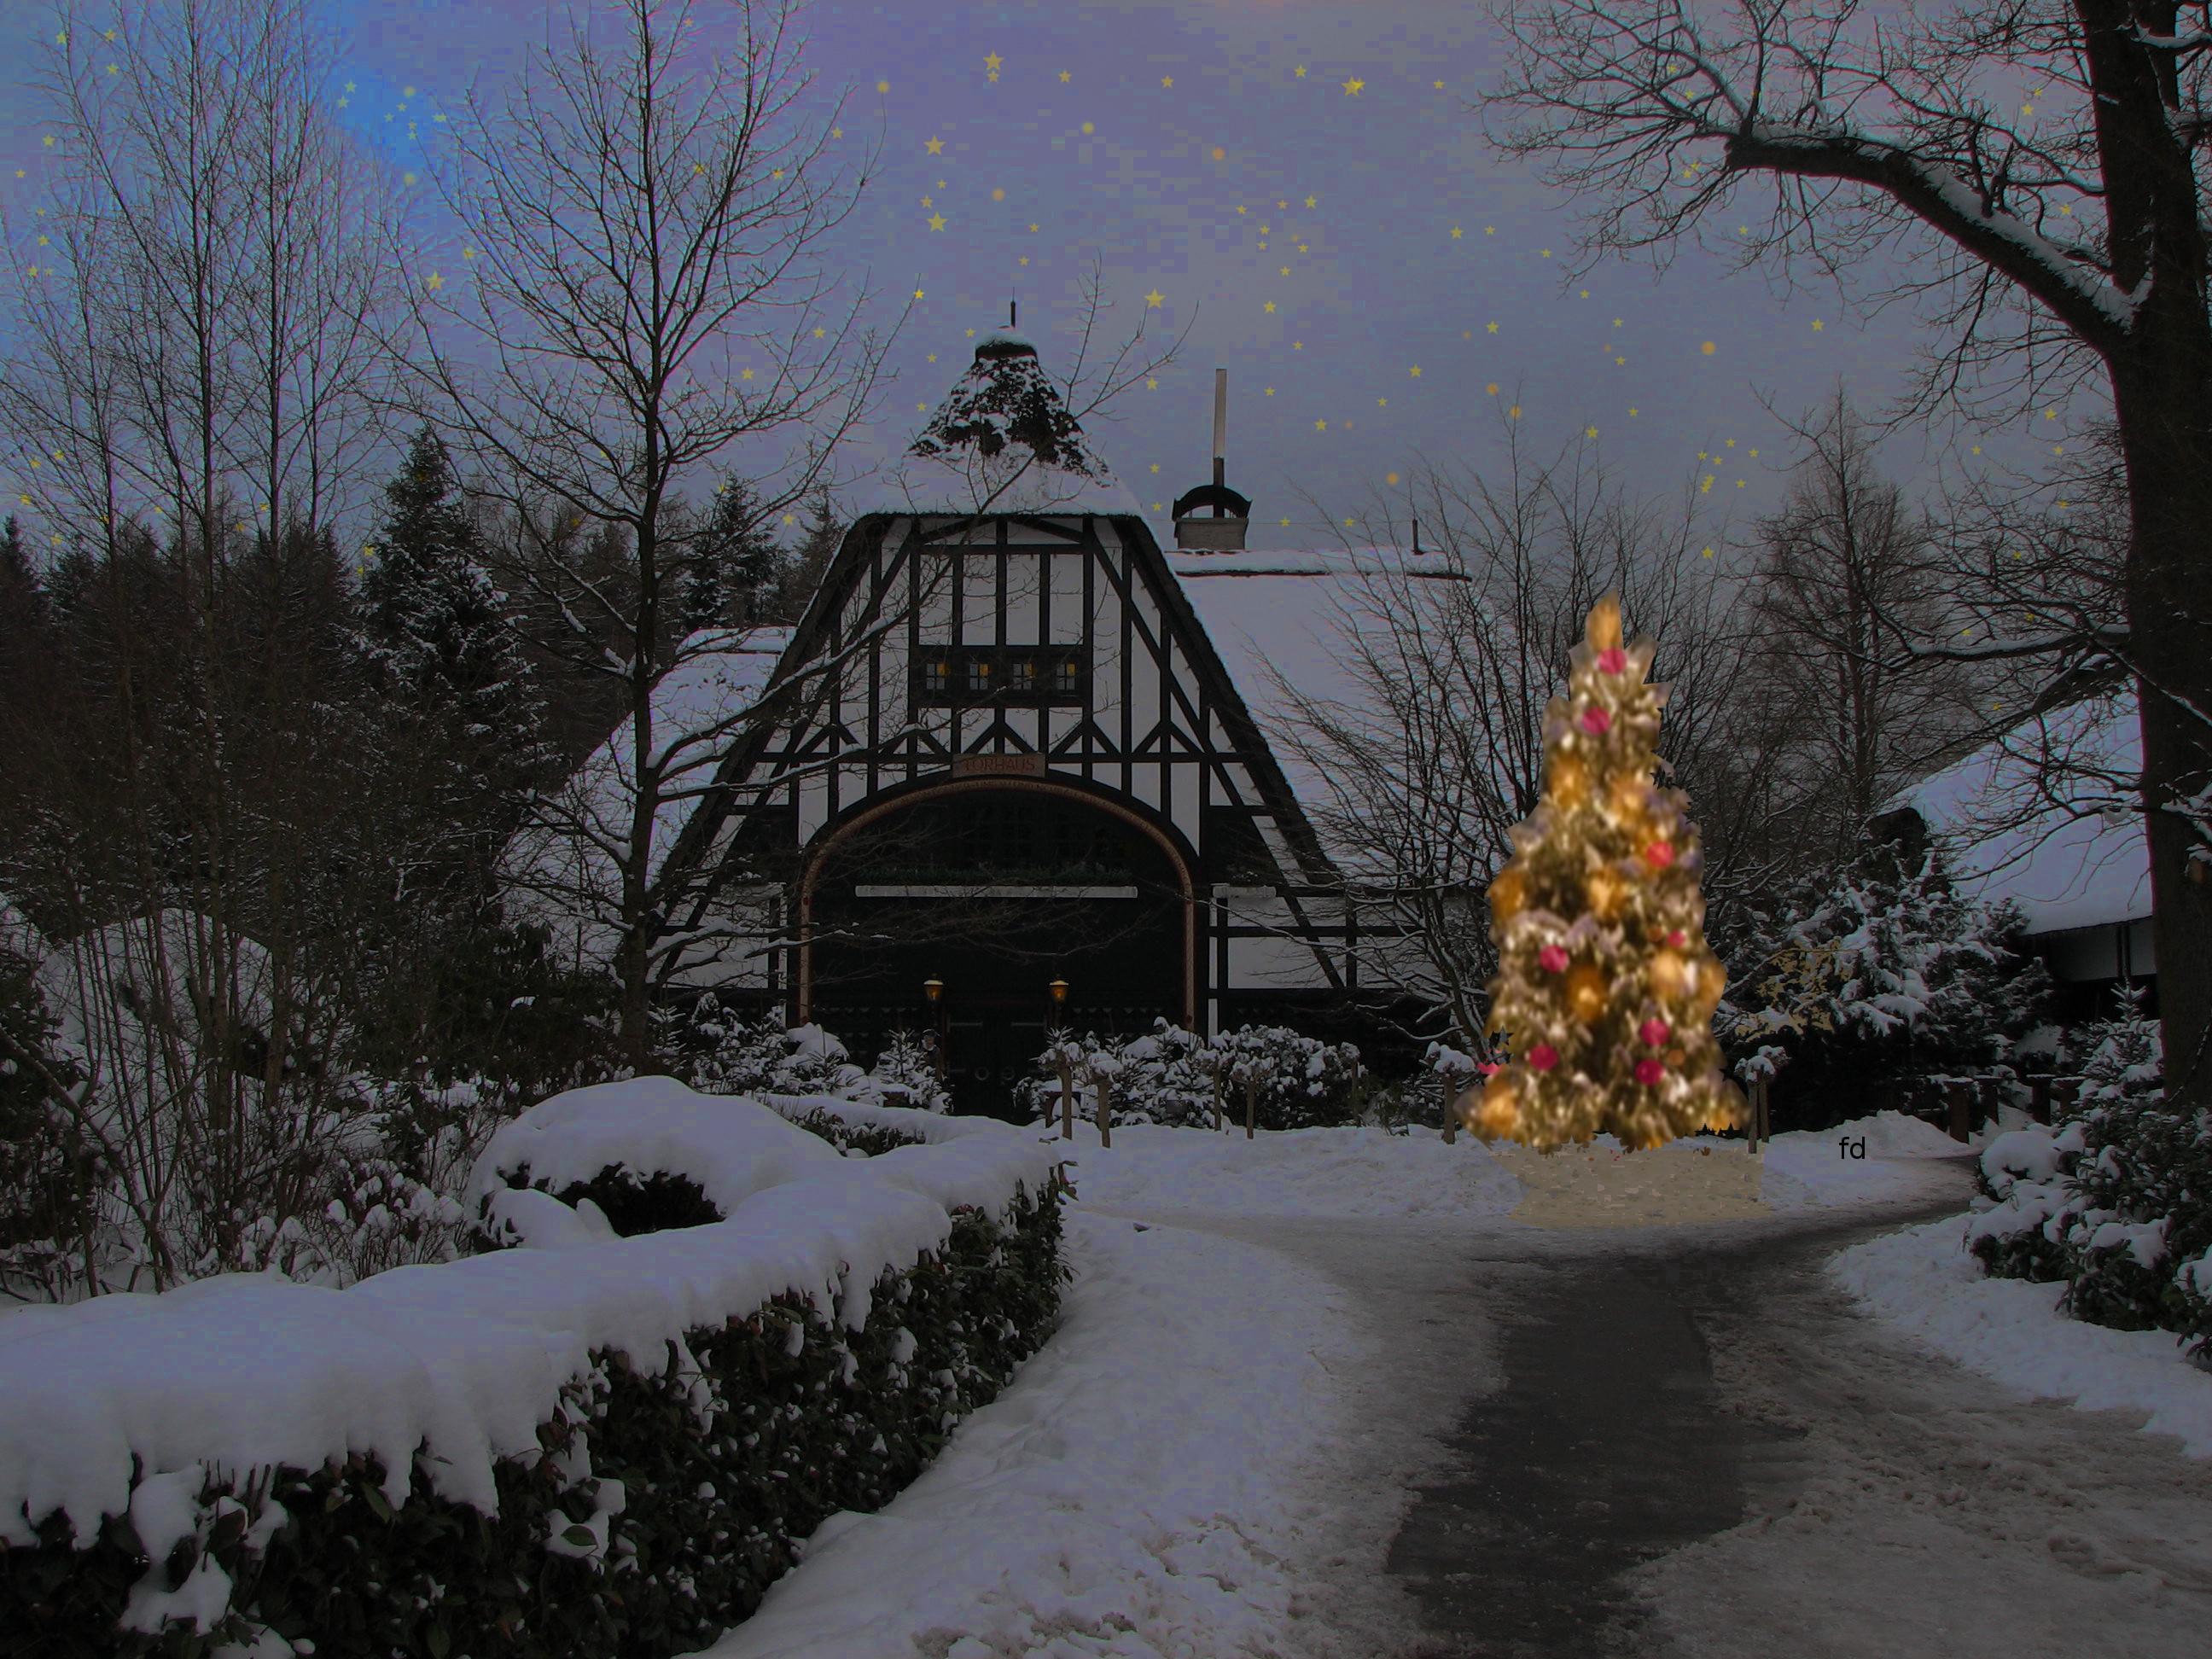 Datei:Weihnachten am Torhaus ( Möhnesee).jpg – Wikipedia